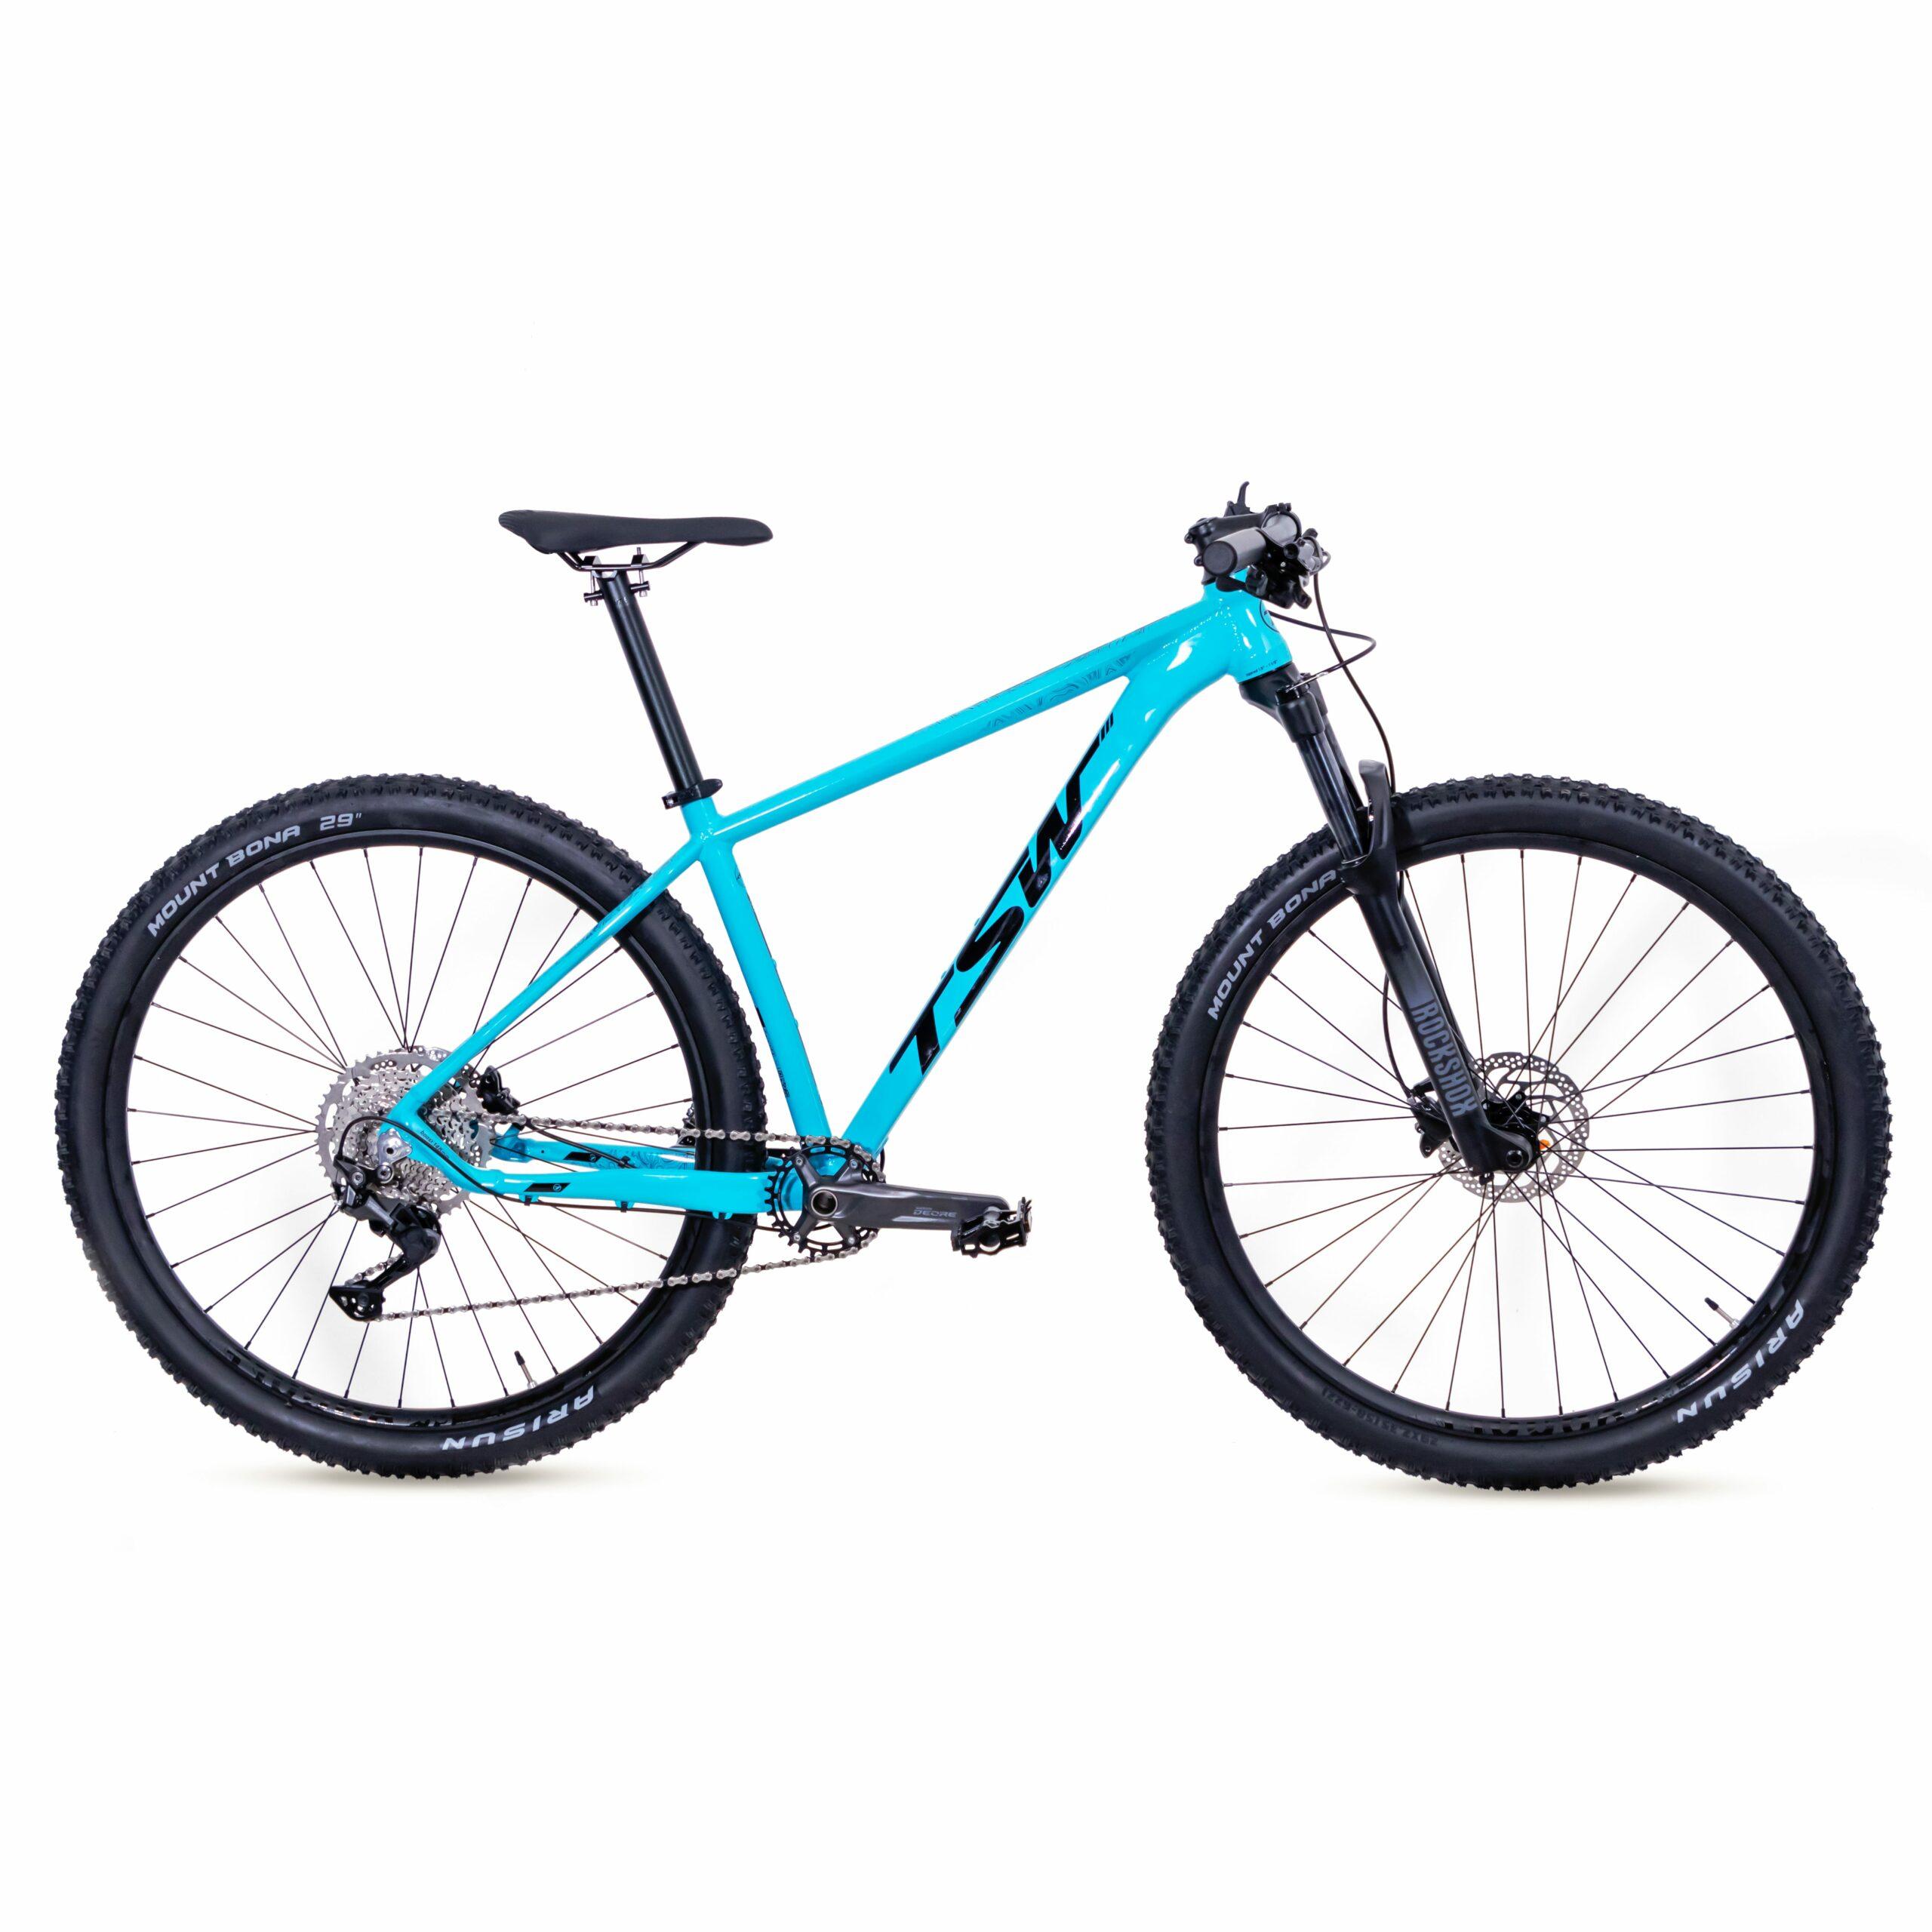 Bicicleta TSW Yukon | SH-10 | 2021/2022 4